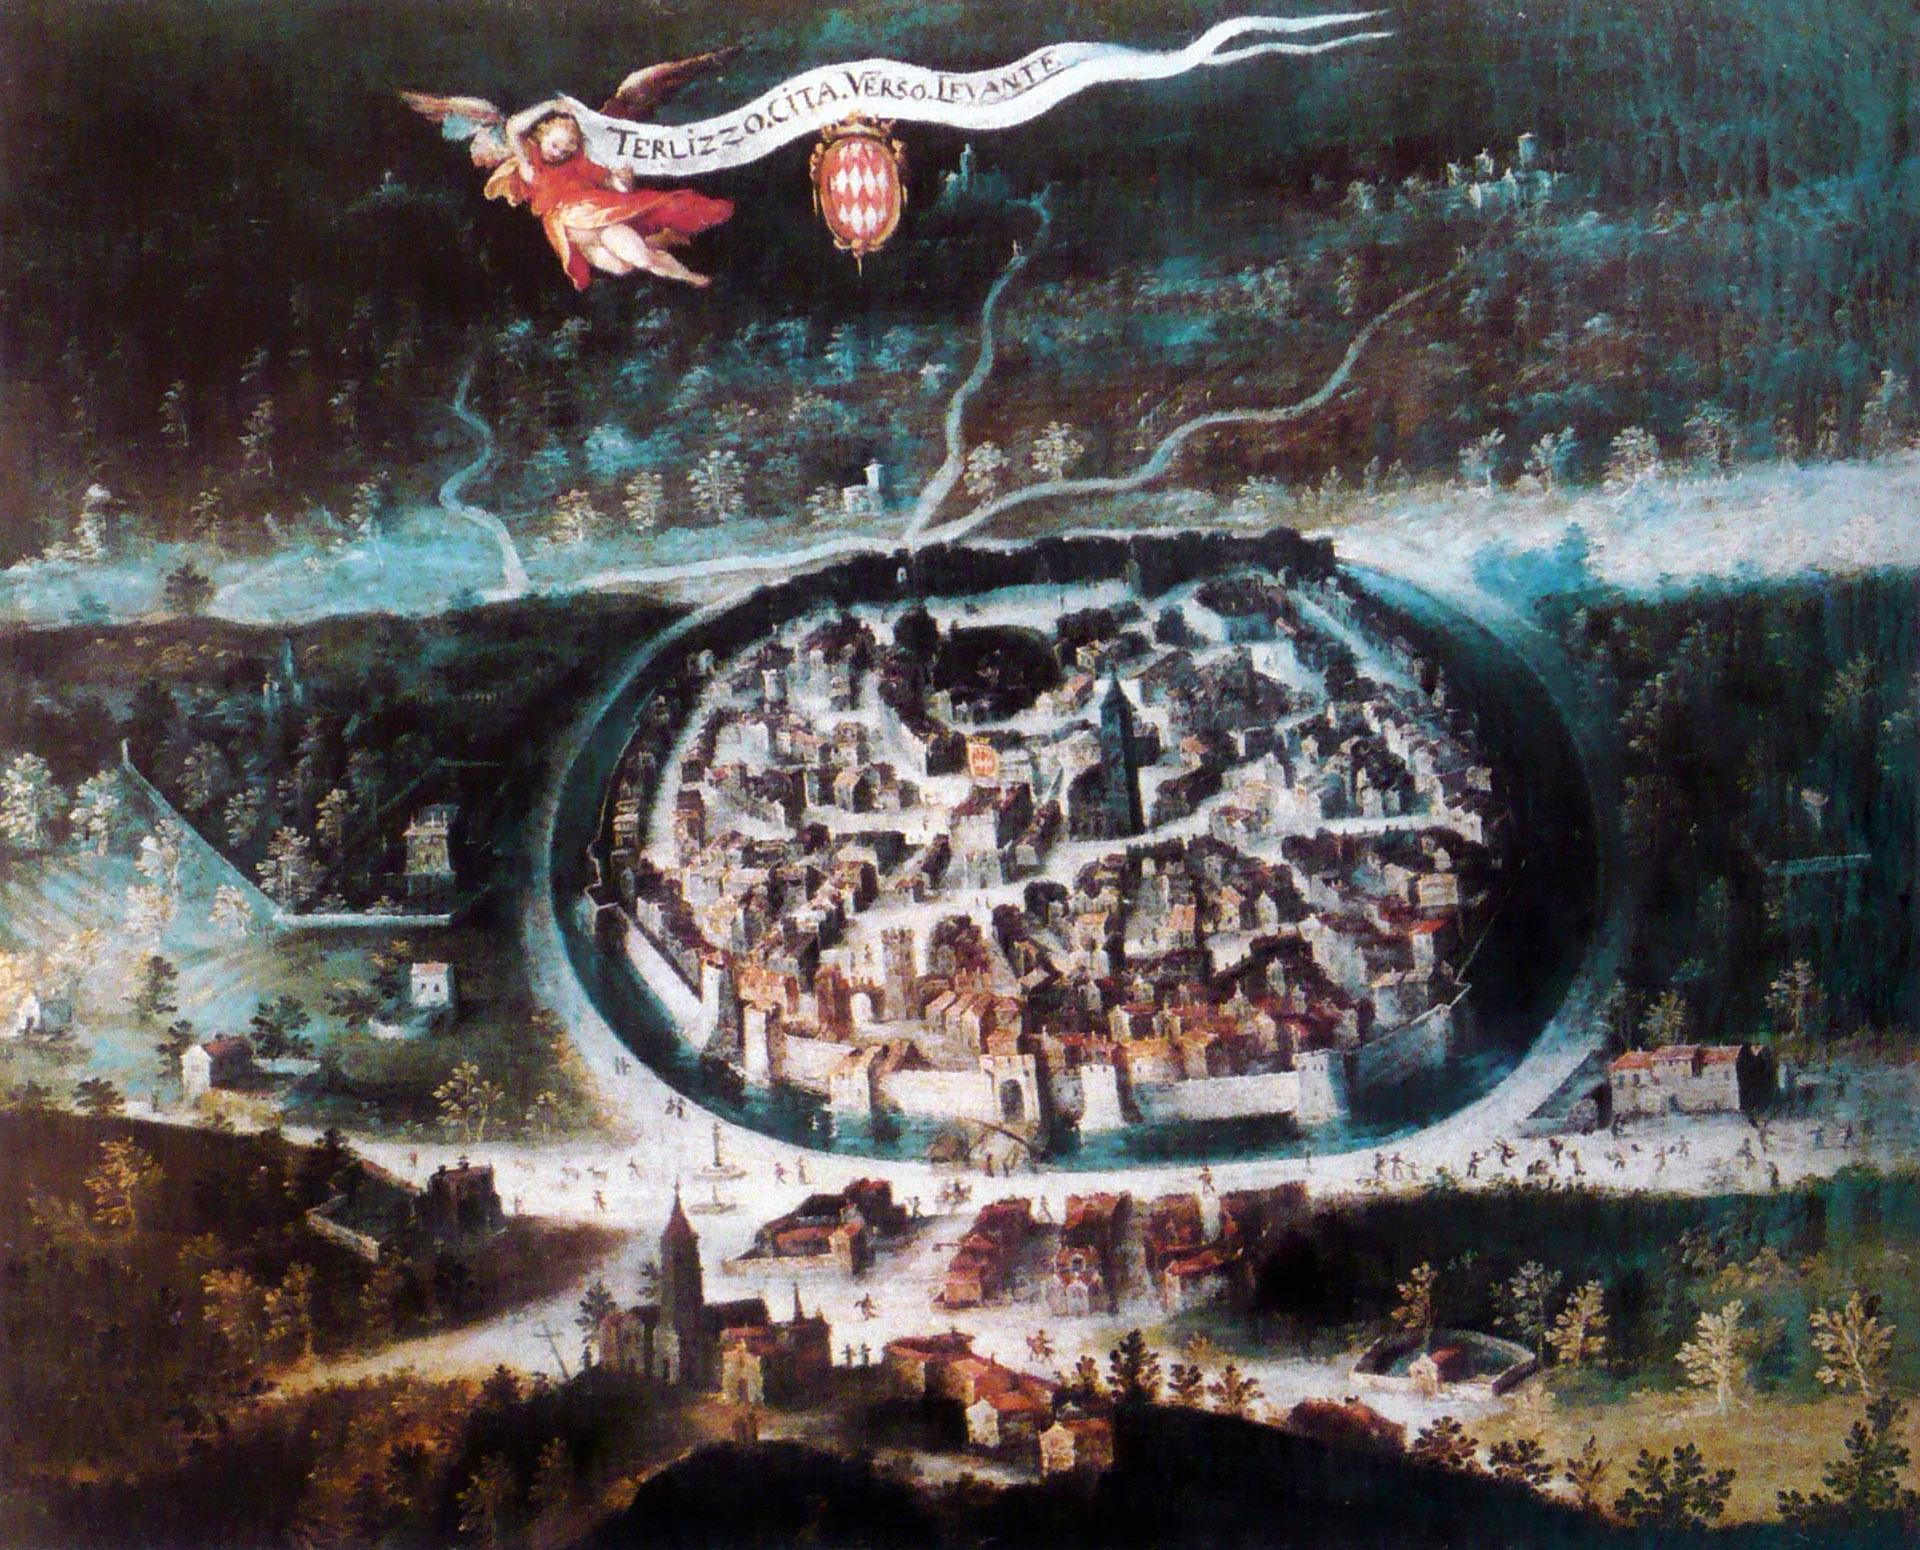 Vista a volo di uccello di Terlizzi, Olio su tela, 1604